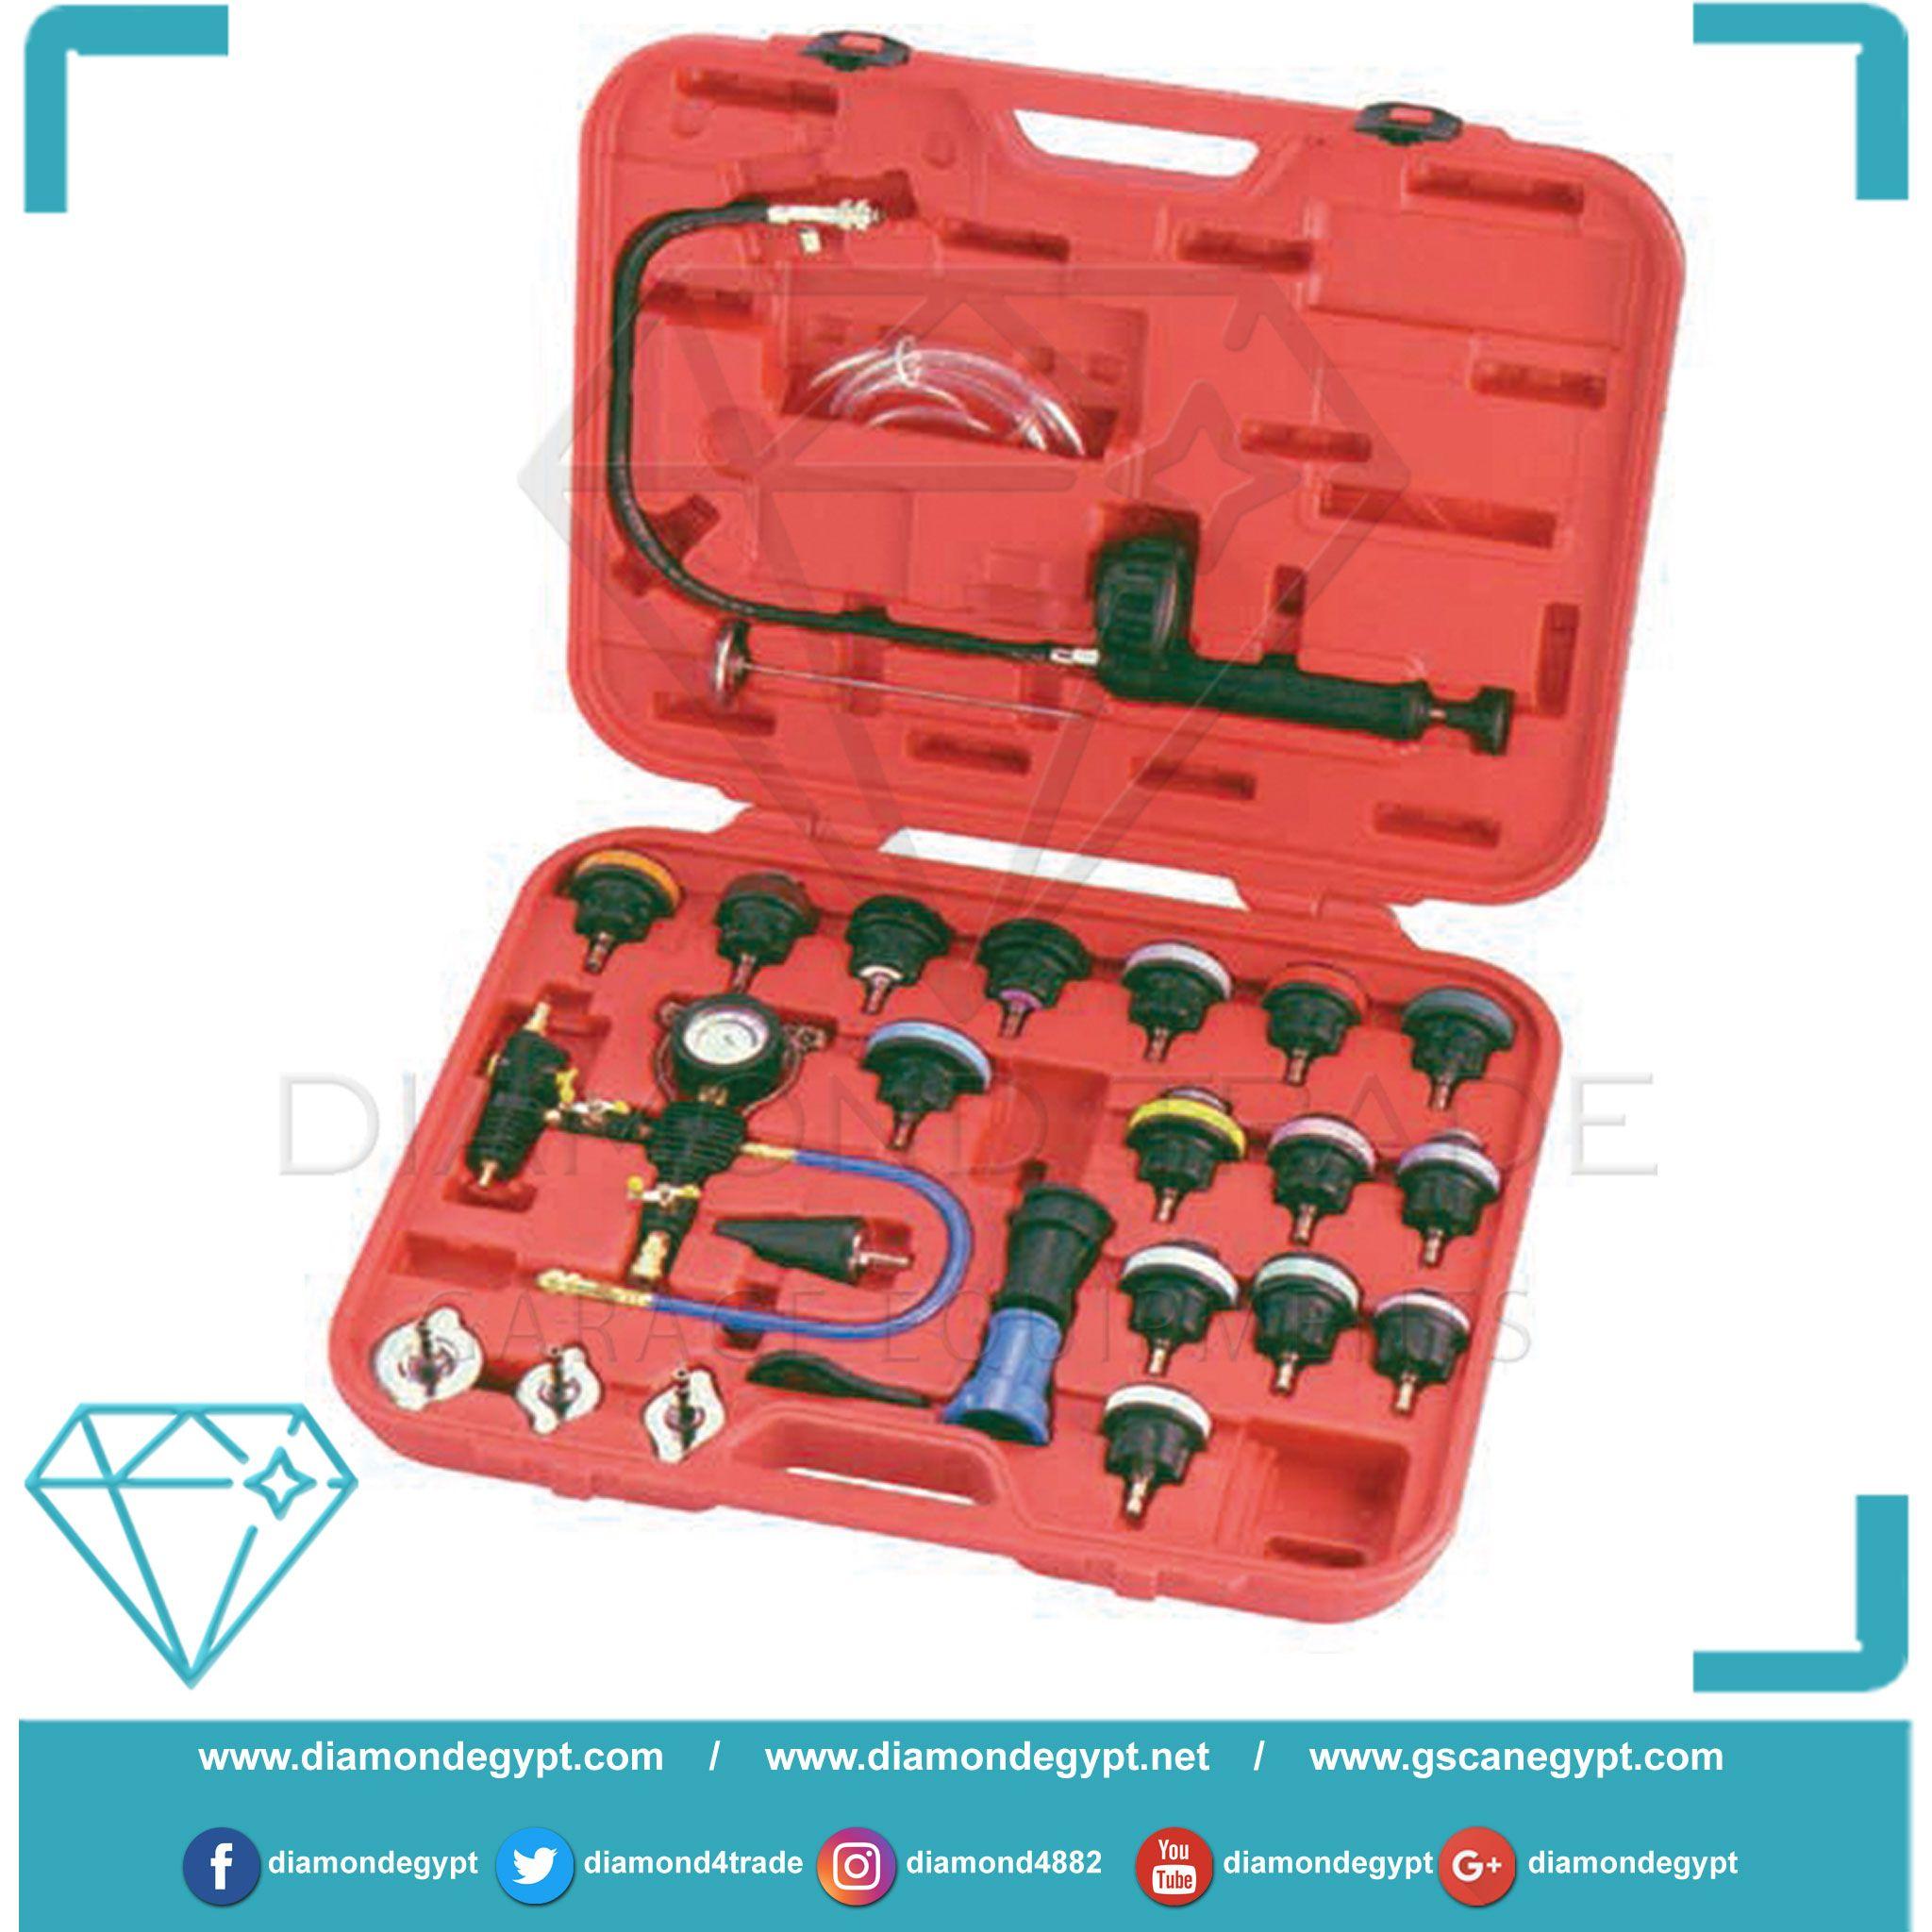 جهاز اختبار دورة التبريد وتفريغ الهواء Diamond Luggage